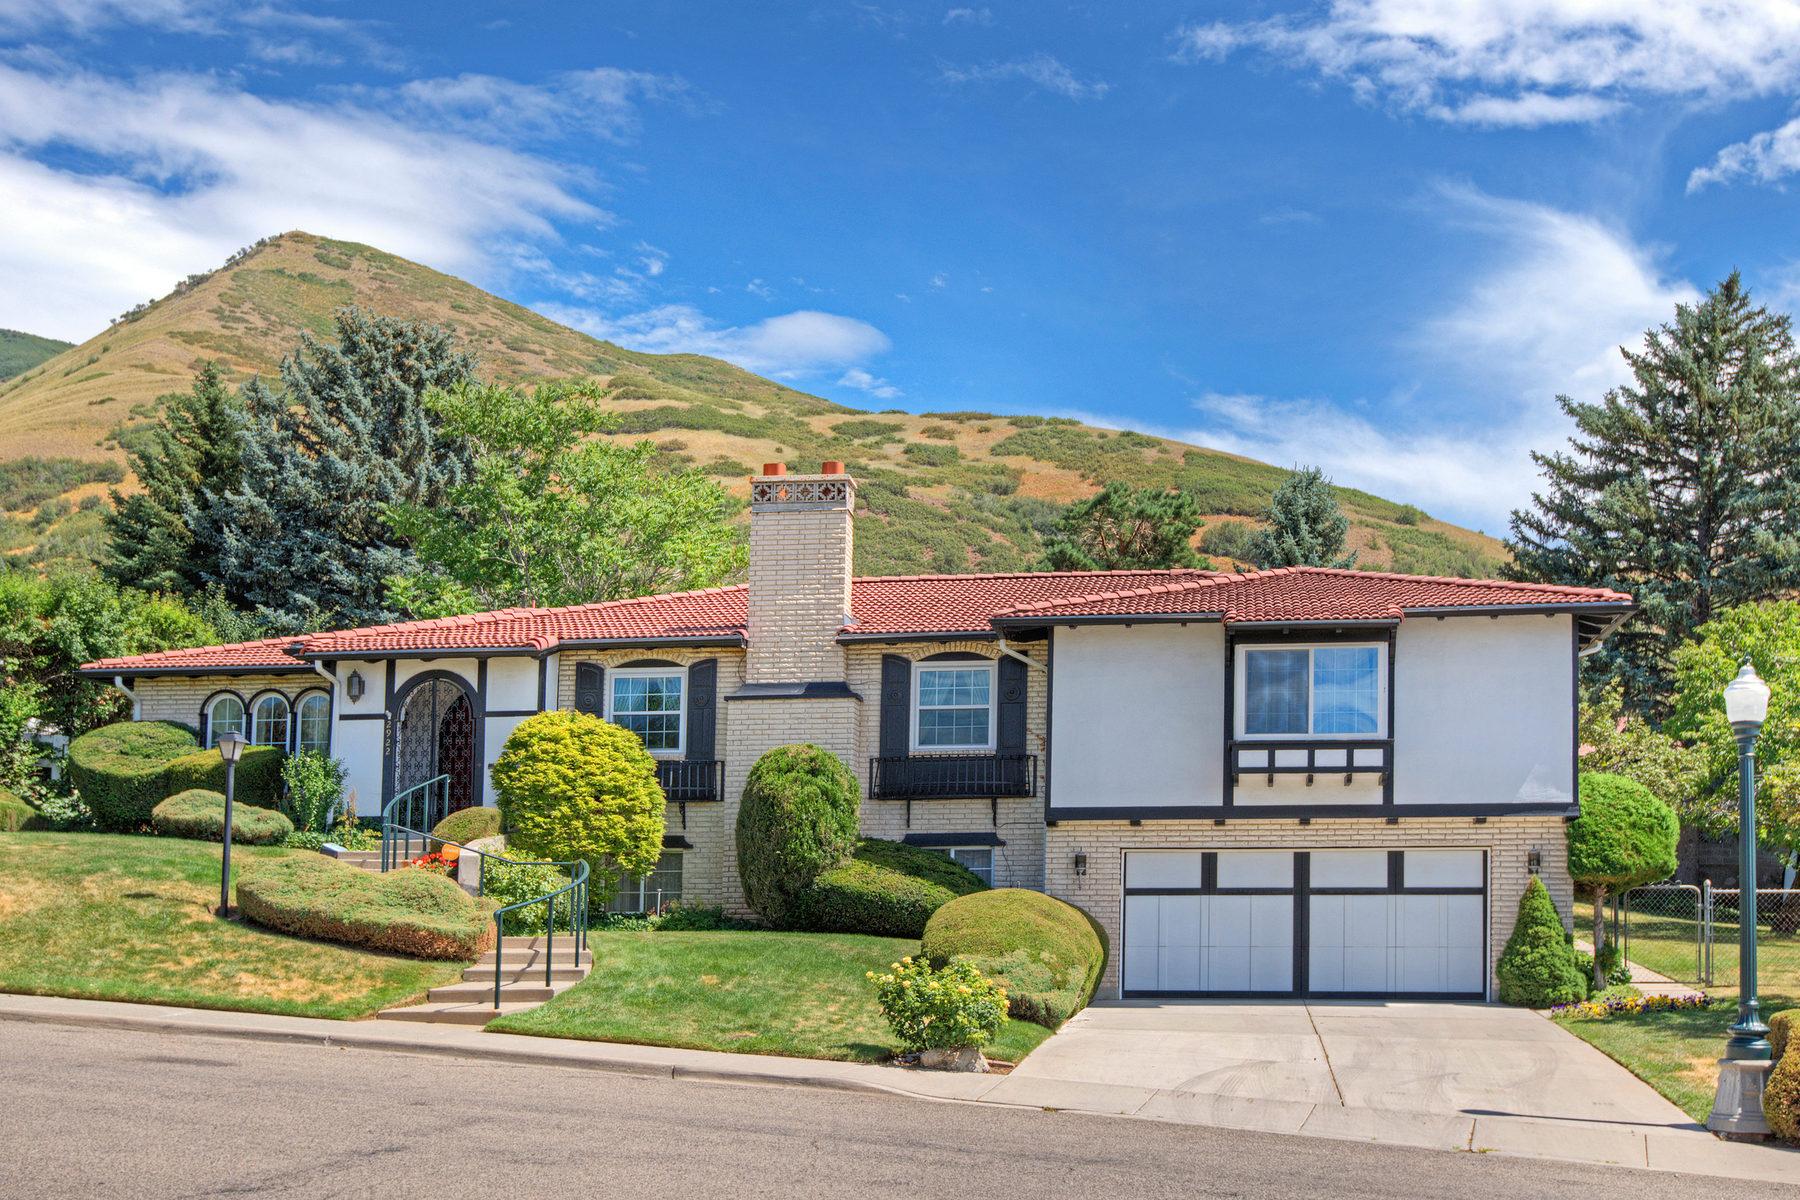 Villa per Vendita alle ore Blank Canvas in Prestigious St Mary's 2922 St Mary's Way Salt Lake City, Utah 84108 Stati Uniti